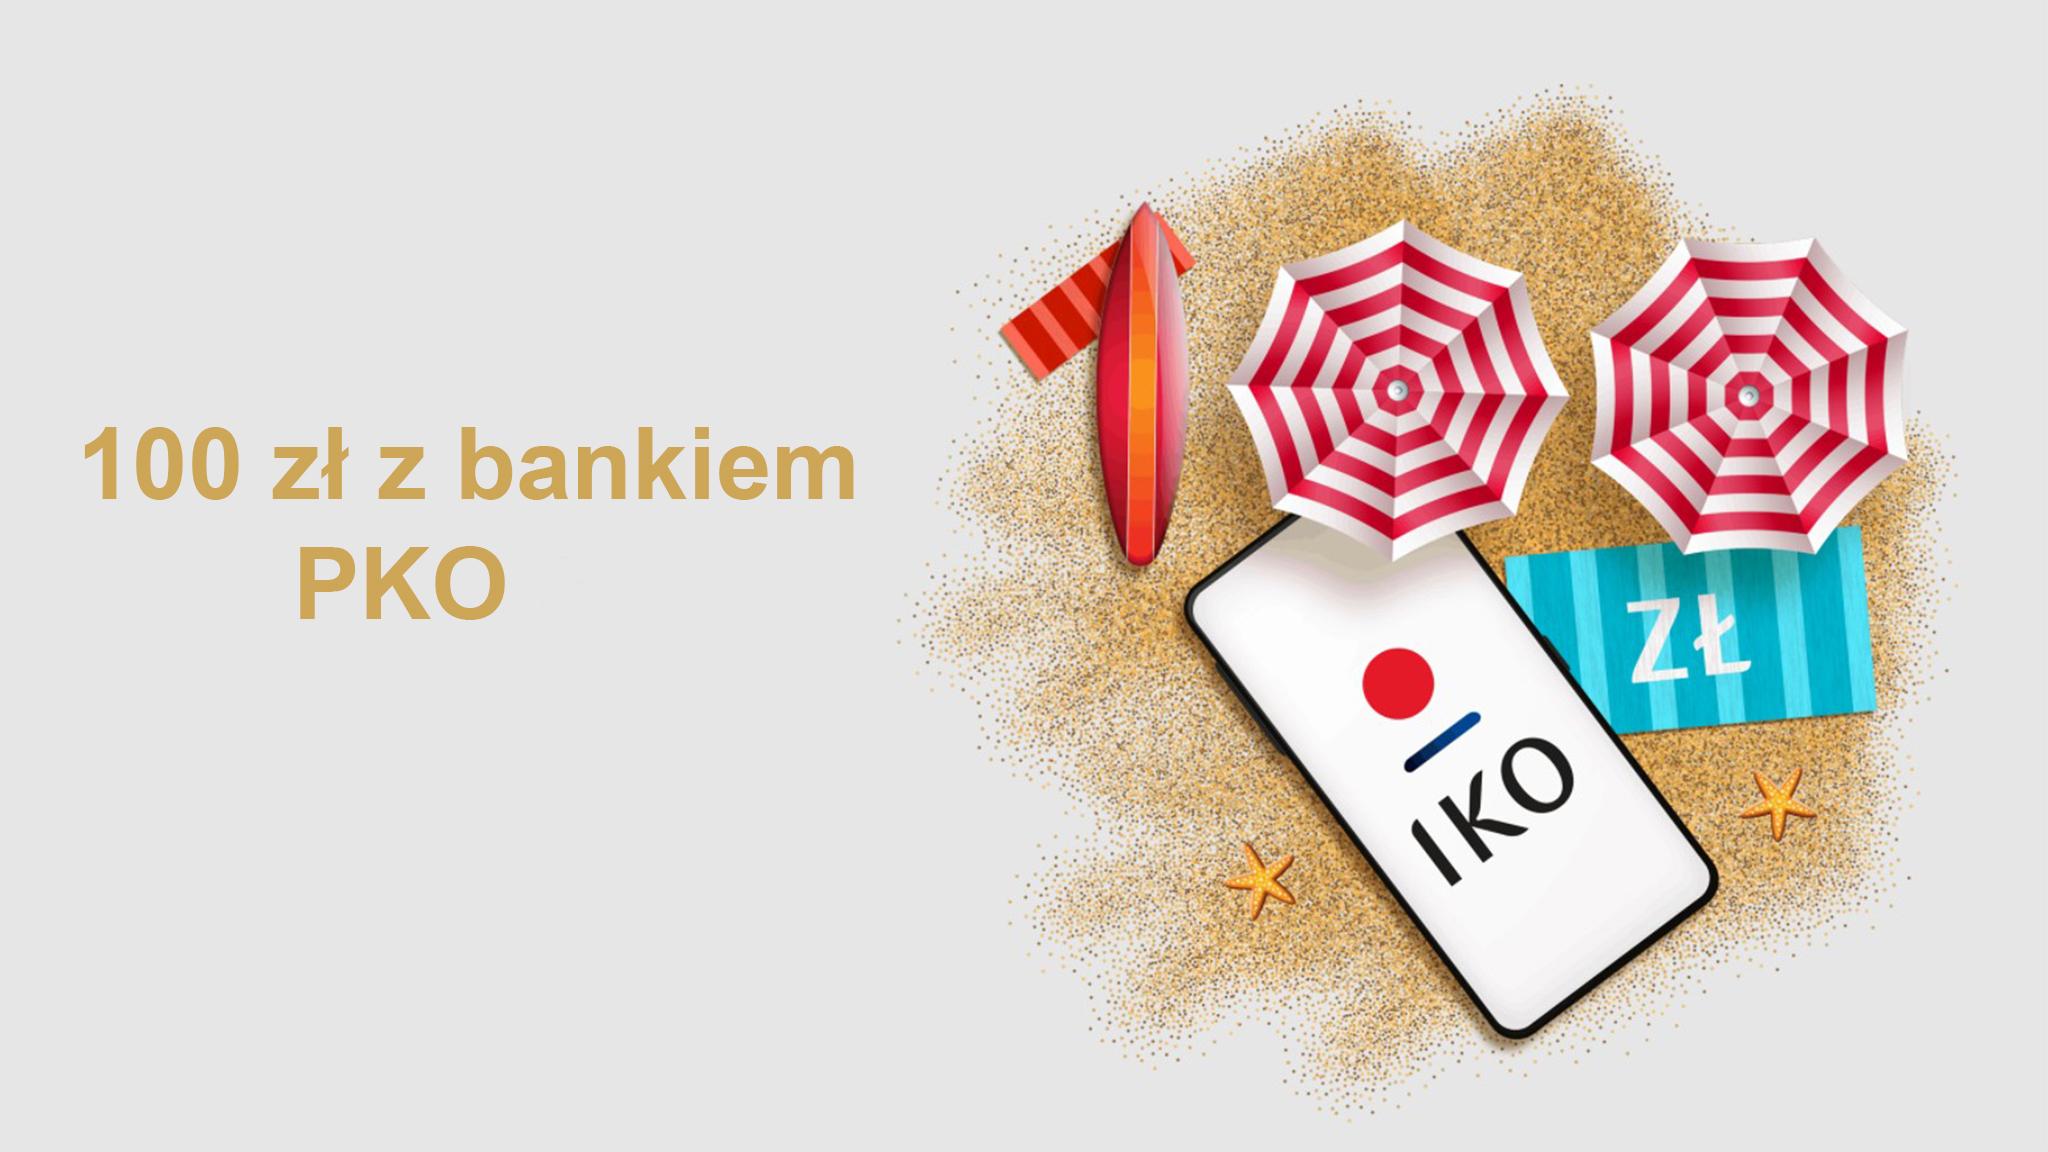 100 zl z bankiem pko sa 1